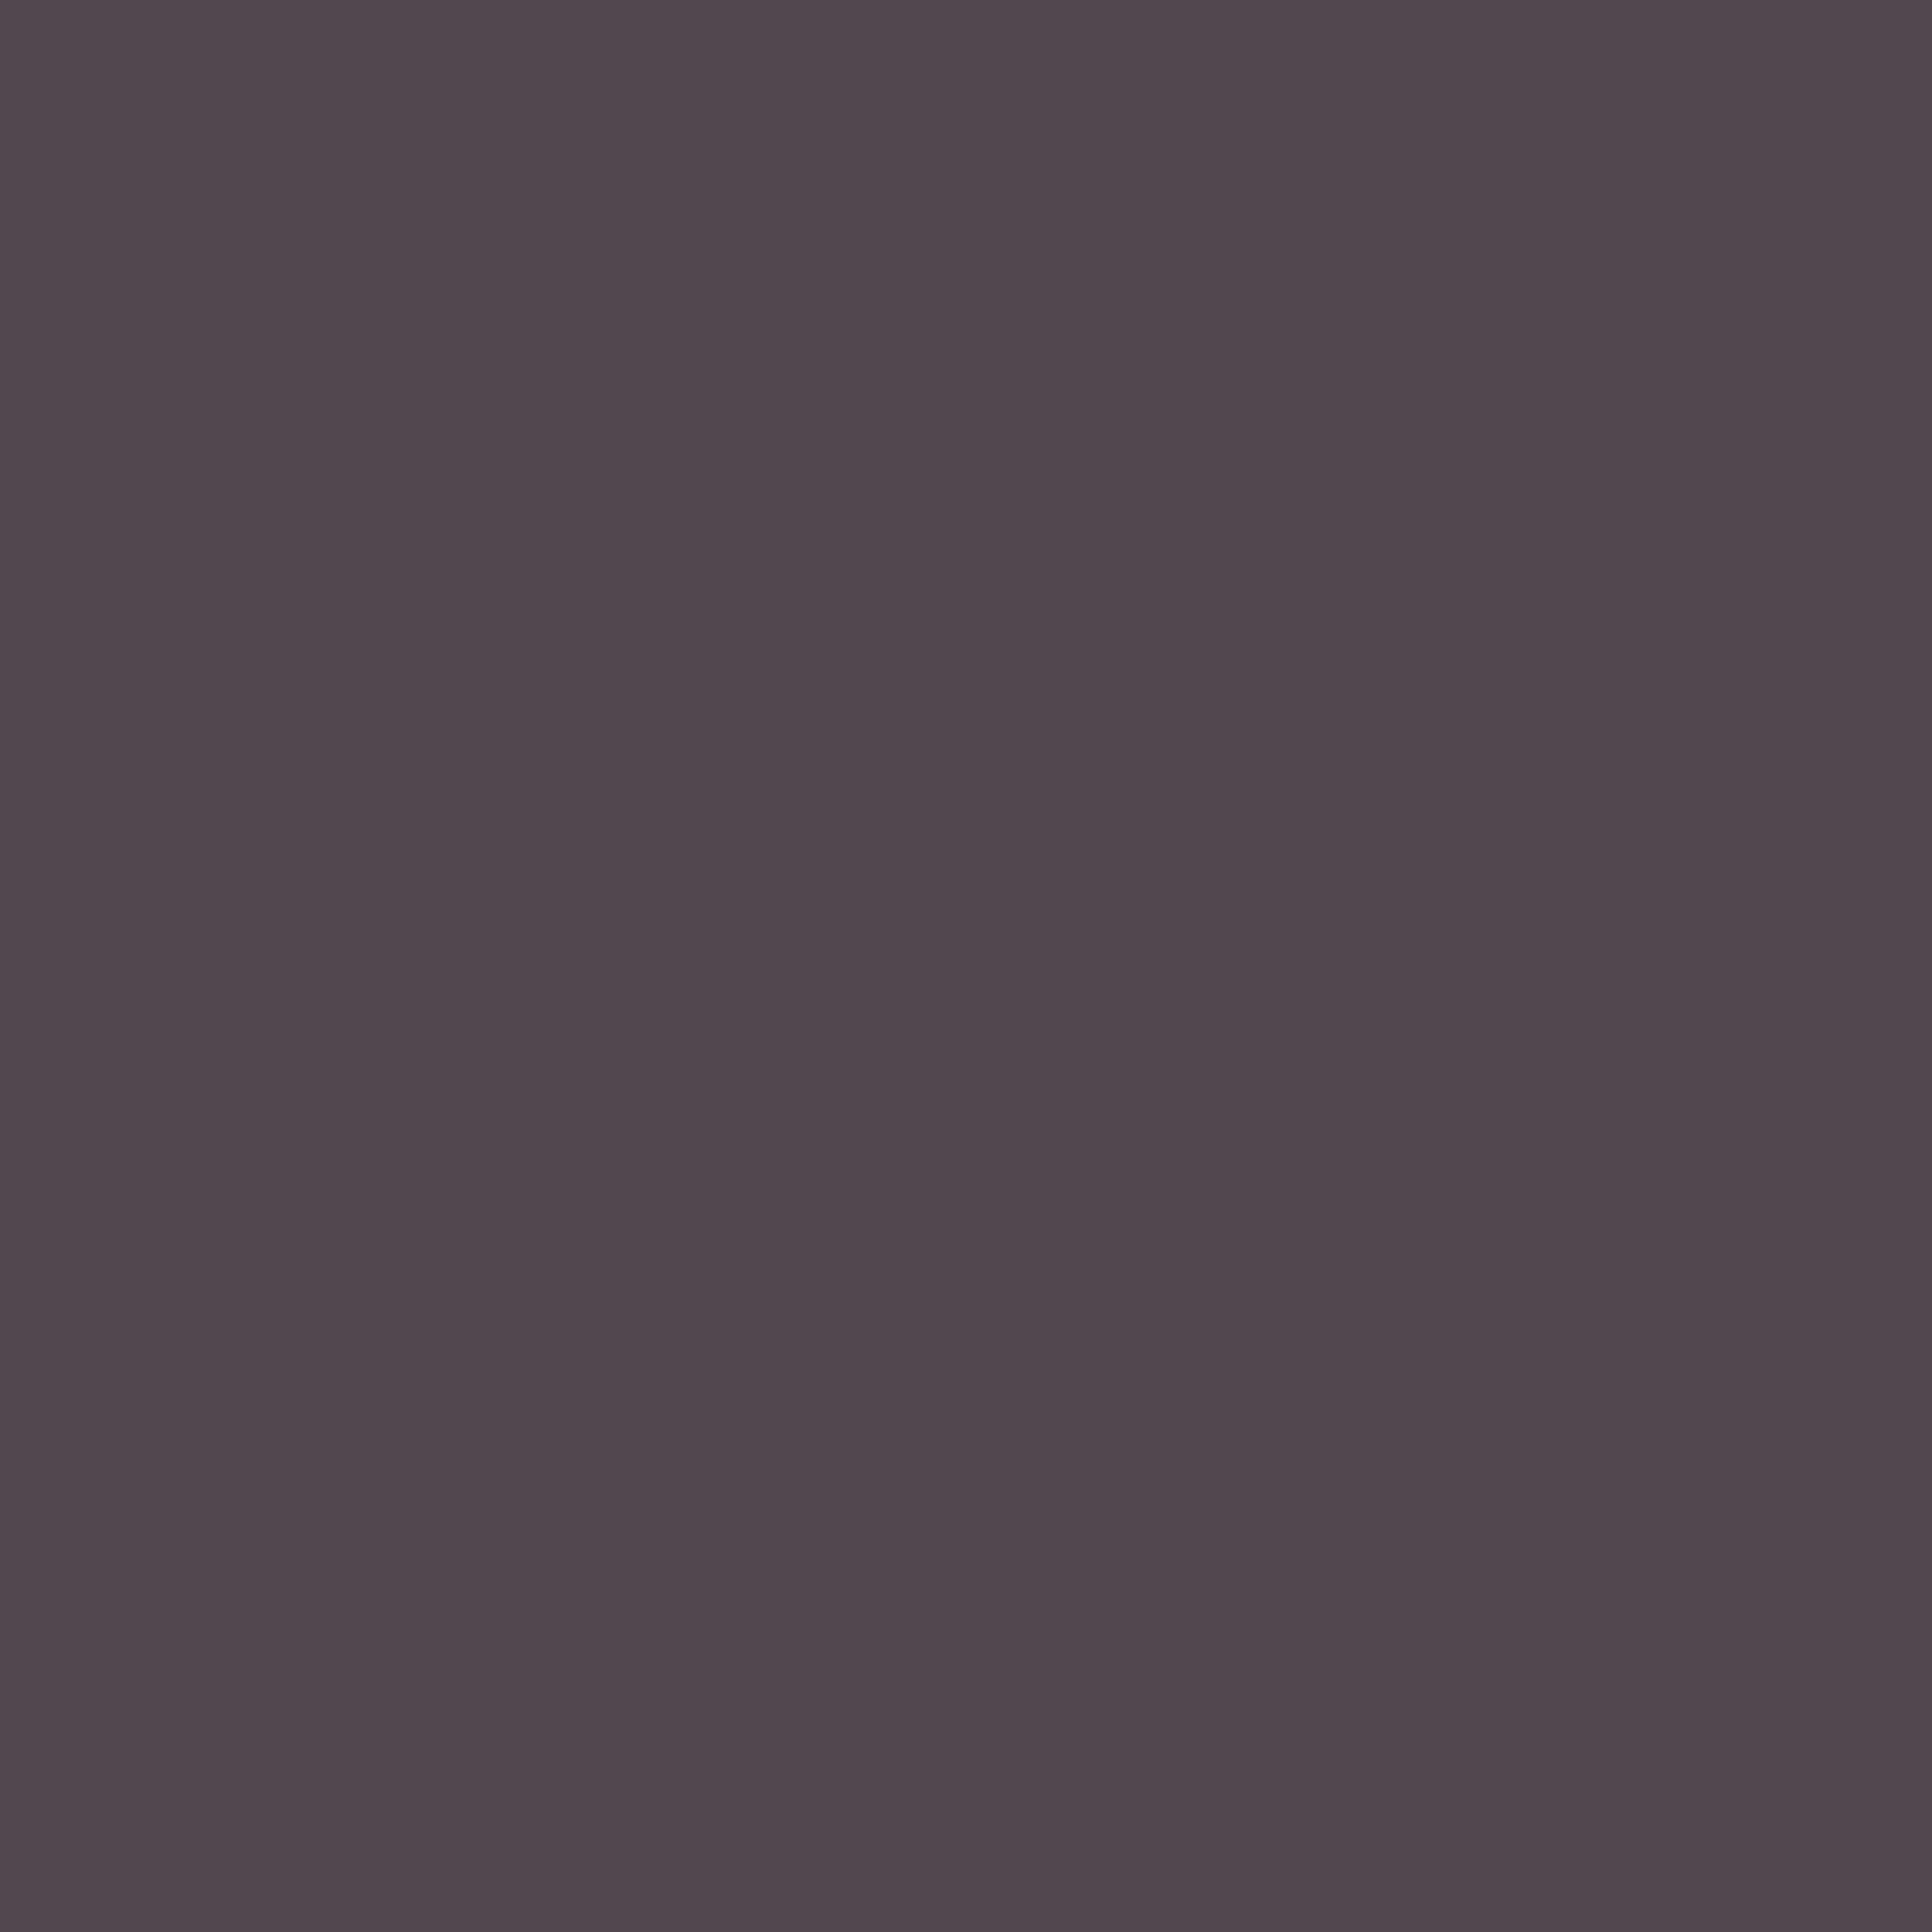 3600x3600 Quartz Solid Color Background